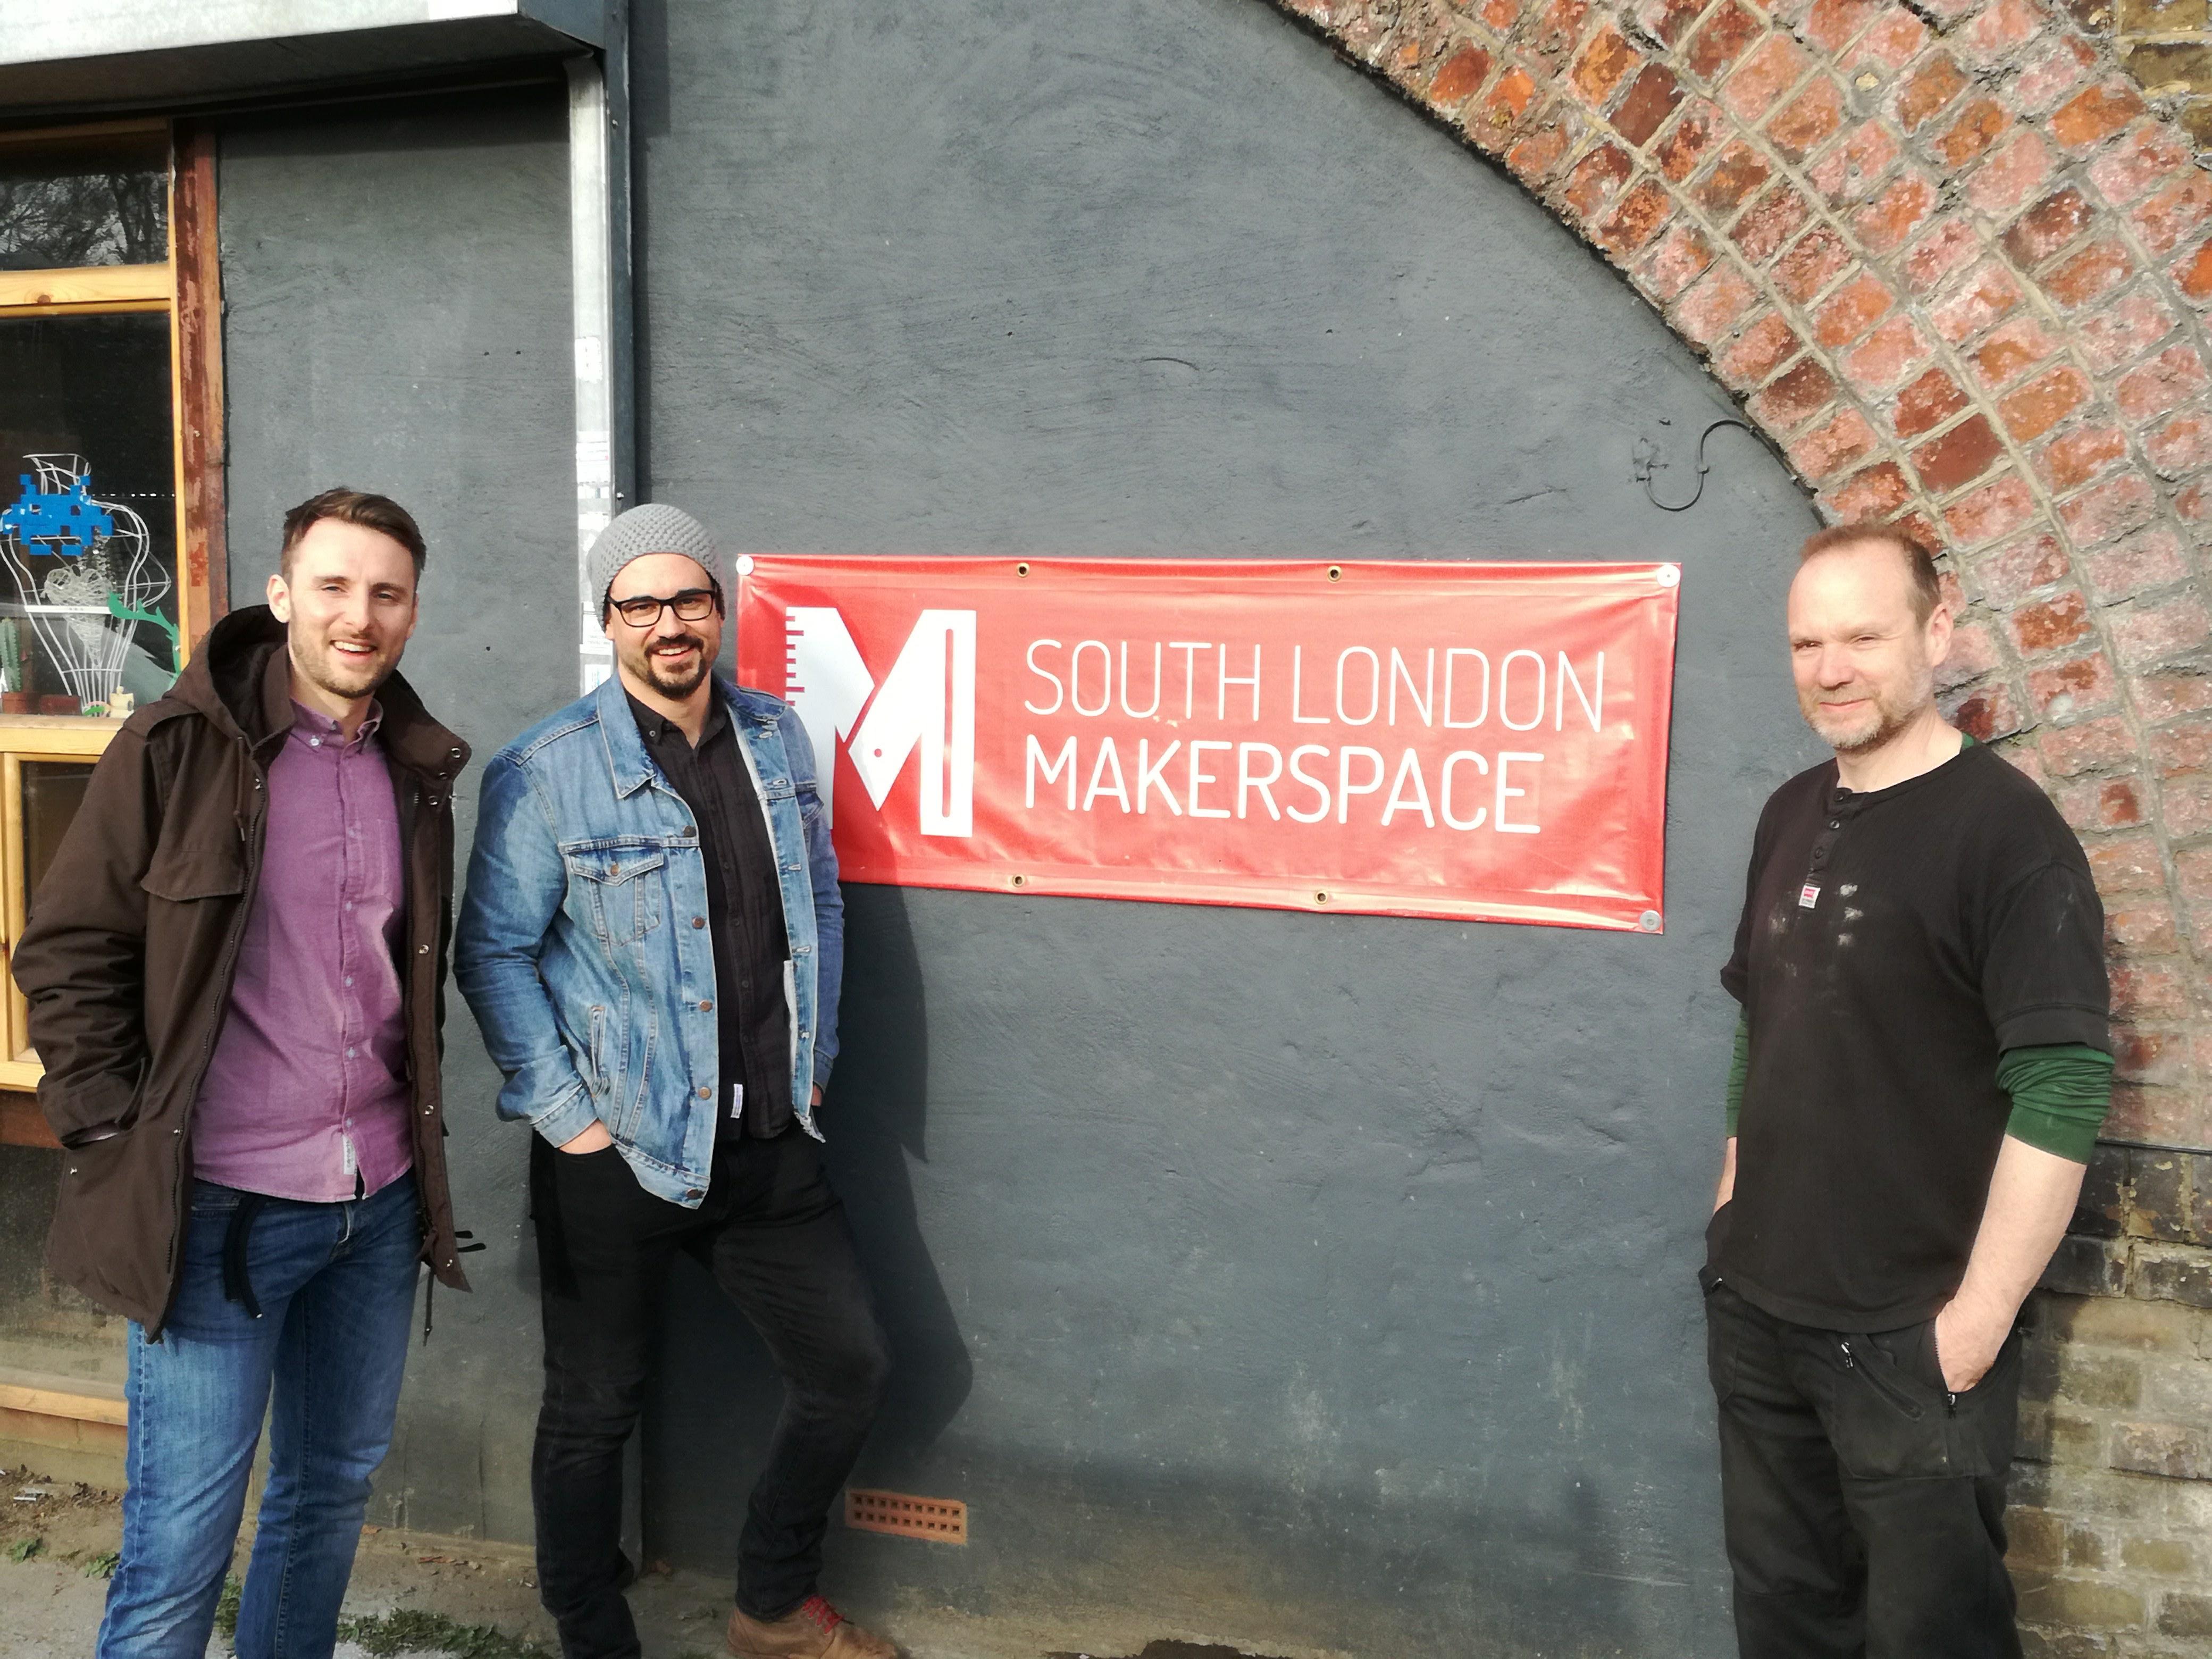 Manuel Steinhuber und Sebastian Schuster, beides Vorstände des Vereins Steyr-Werke stehen mit Director Dermot Jones vor dem South London Makerspace.